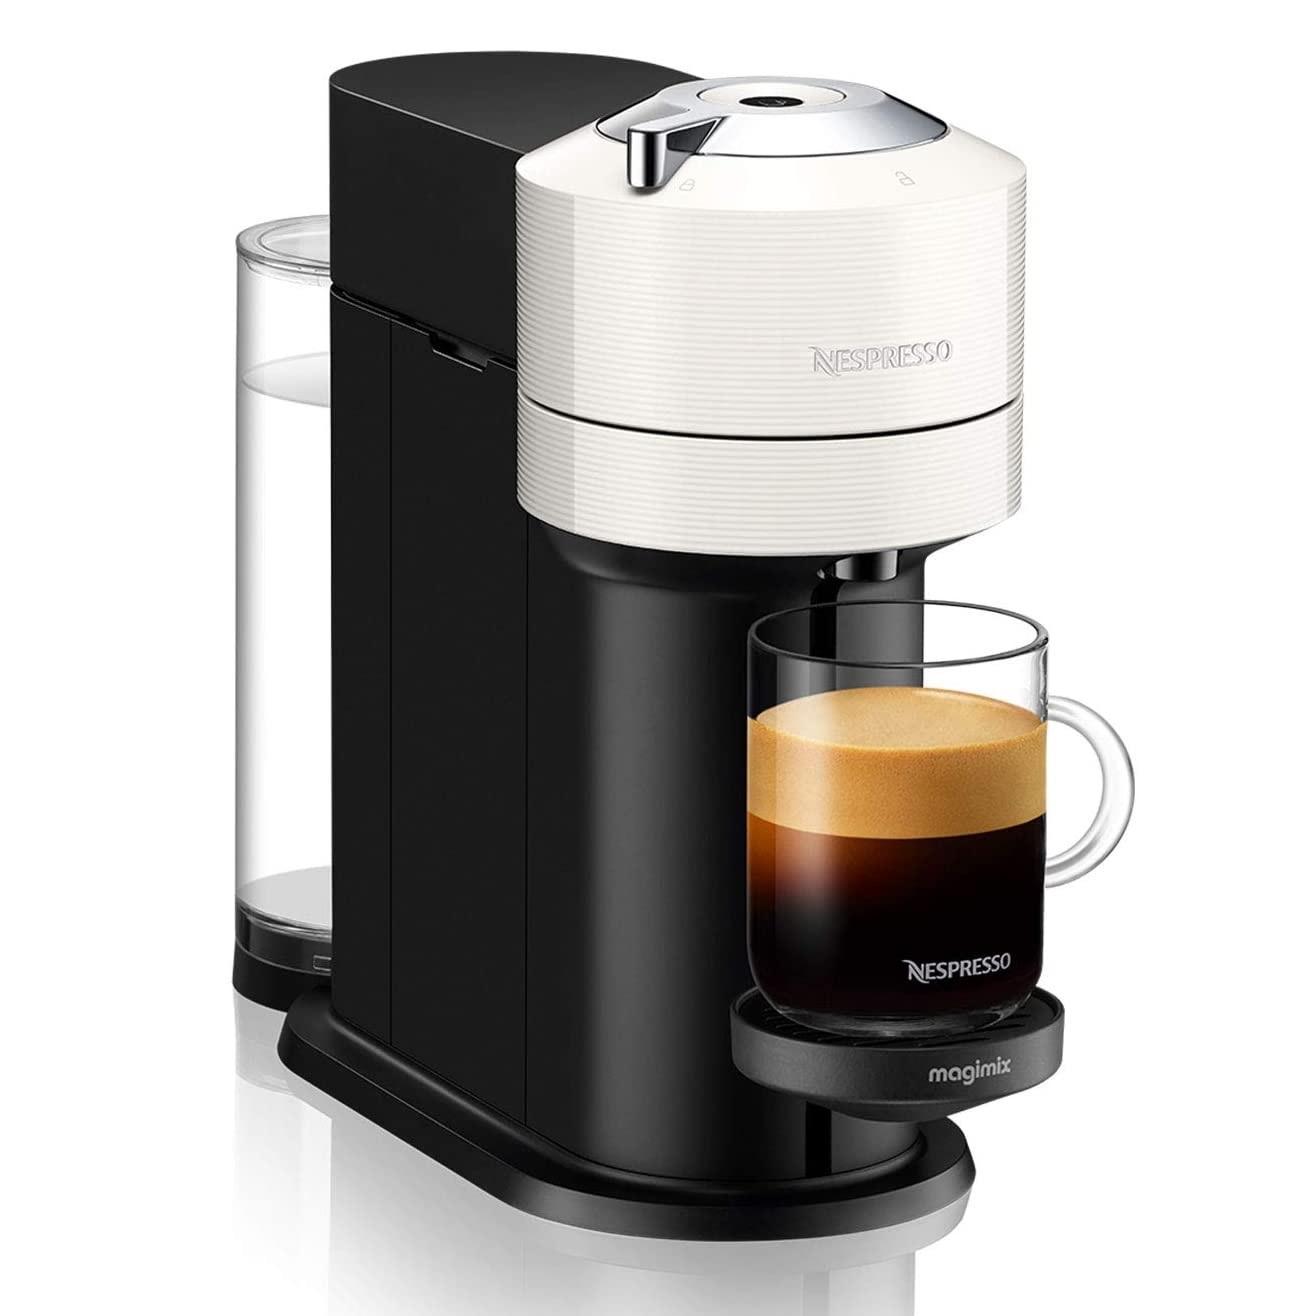 好价!Nespresso 雀巢 奈斯派索全自动胶囊咖啡机